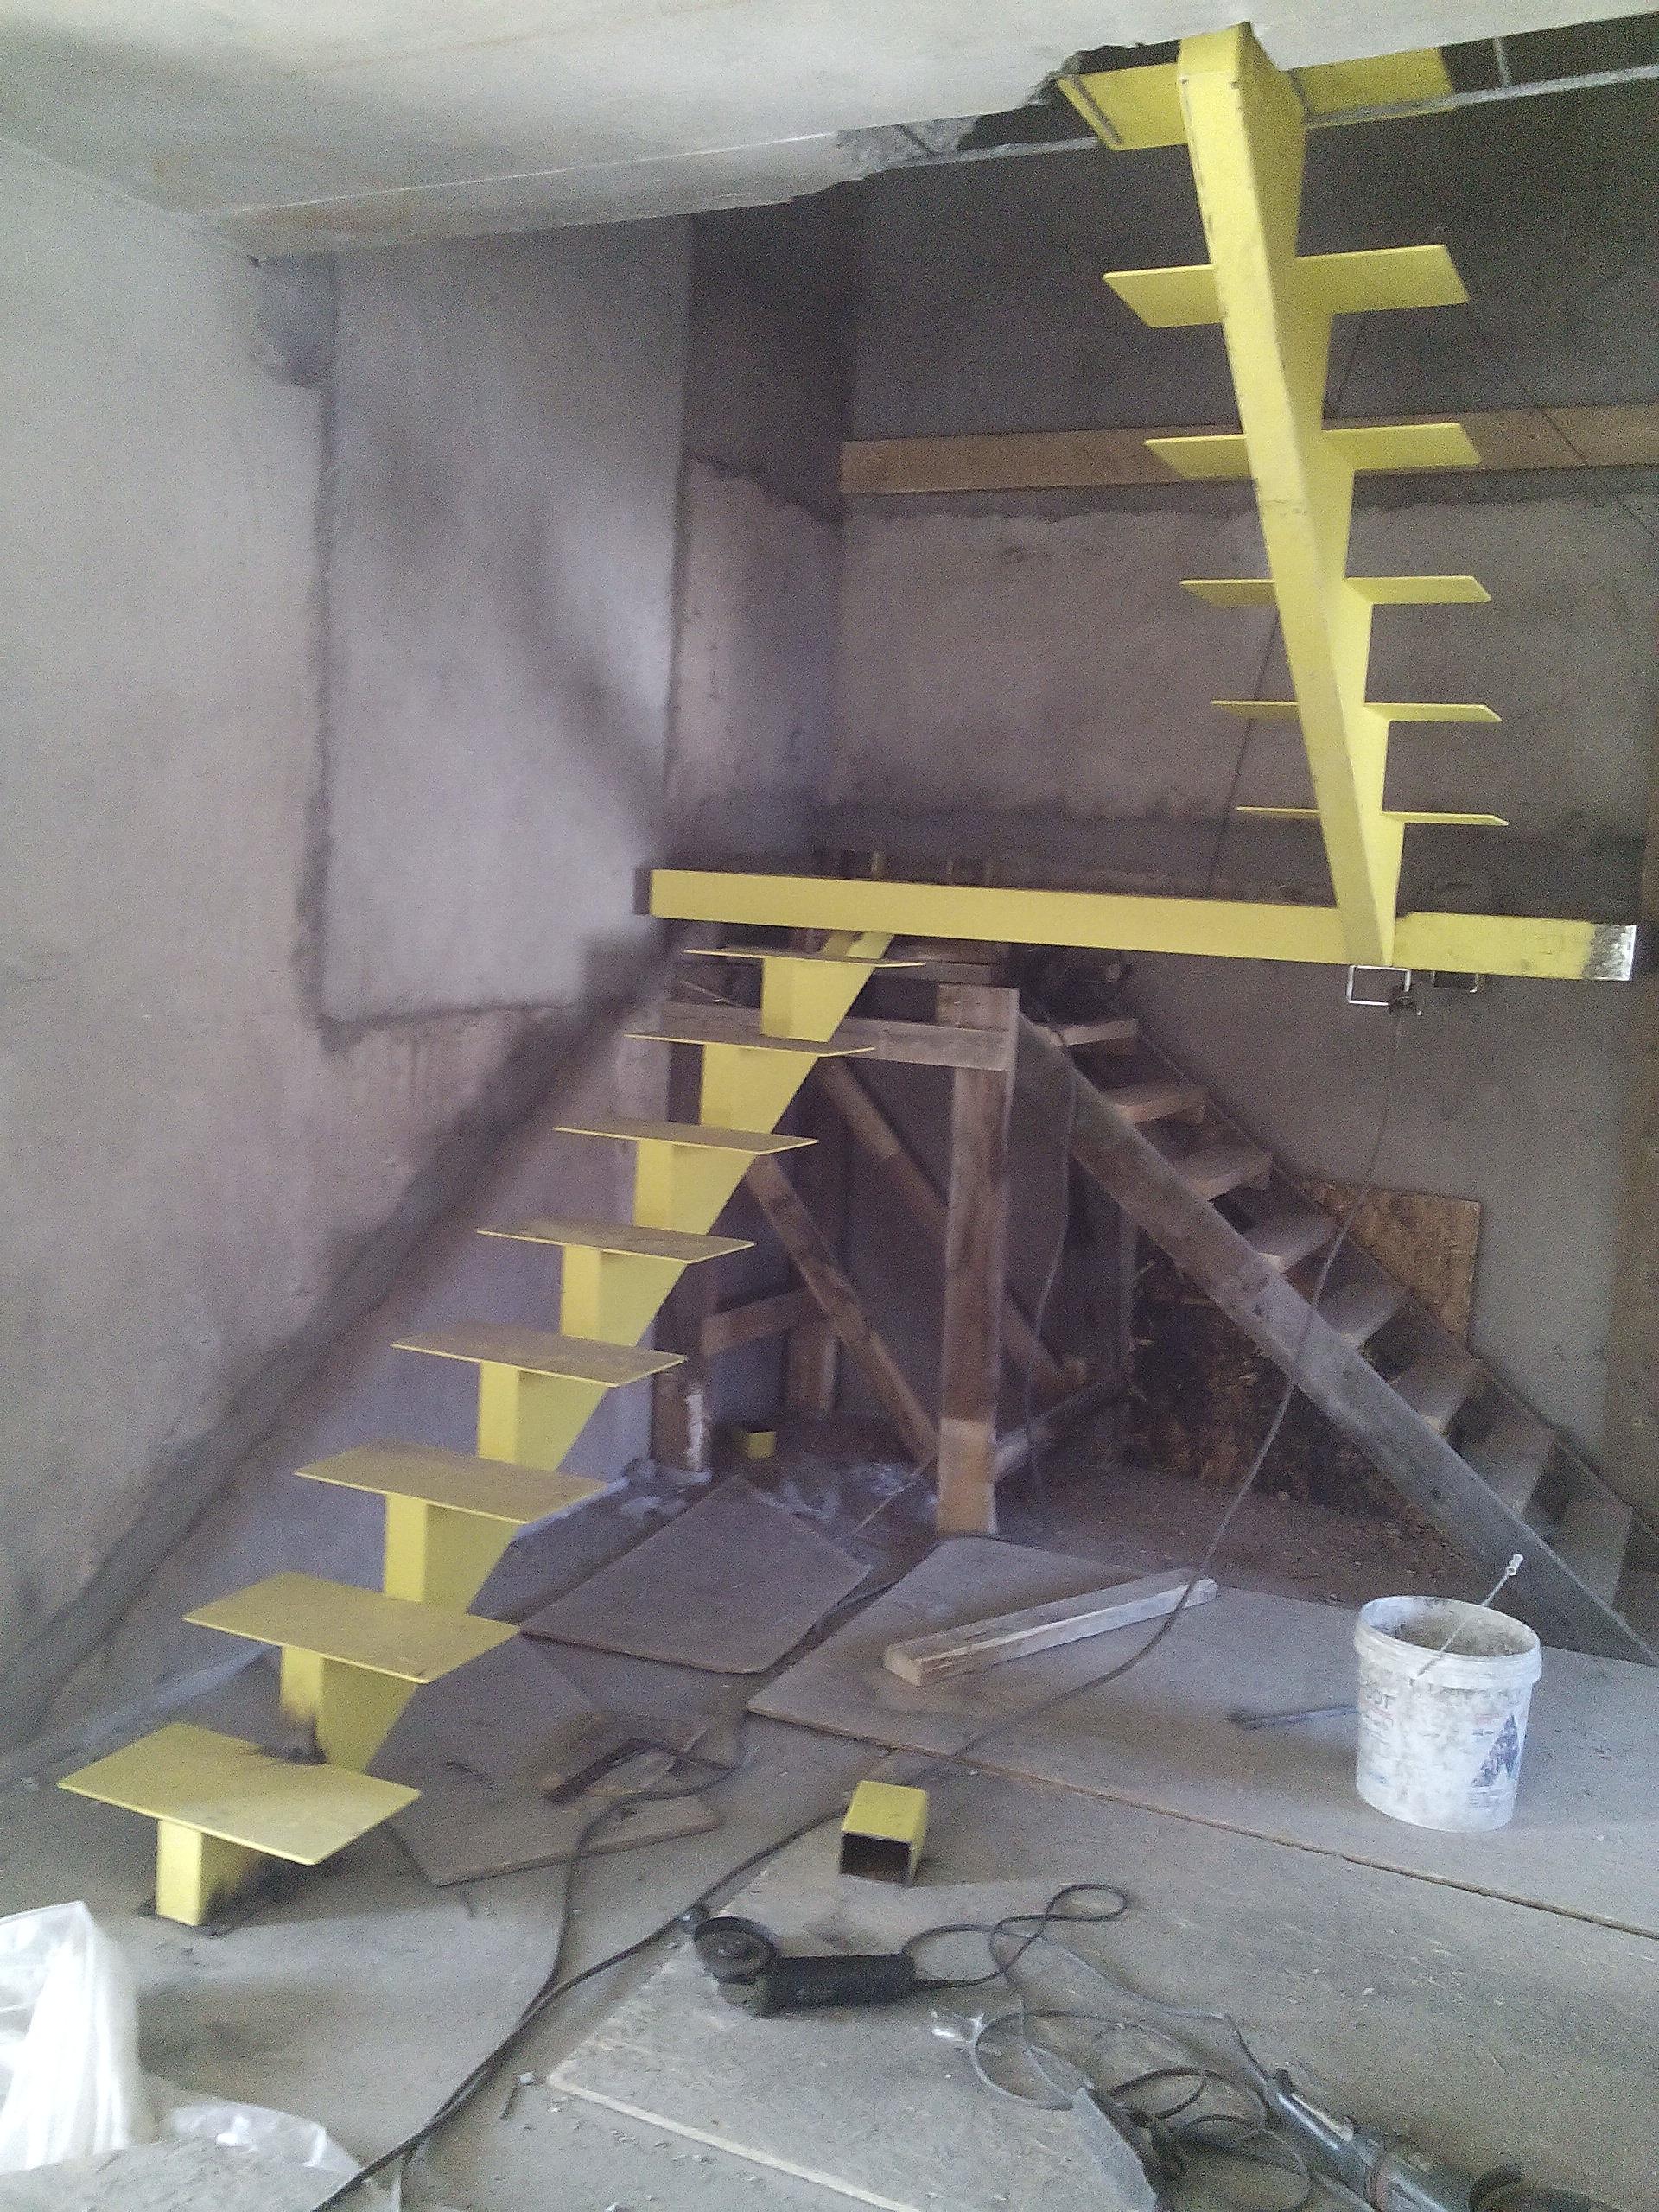 лестница стальная. лестница на одном косоуре с промежуточной площадкой. металлическая лестница. стальная лестница с центральным косоуром. изготовление лестниц. стальные лестницы на заказ. сварные лестницы. лестница из профильной трубы. лестница с промежуточной площадкой. художественная ковка. лестницы во владивостоке